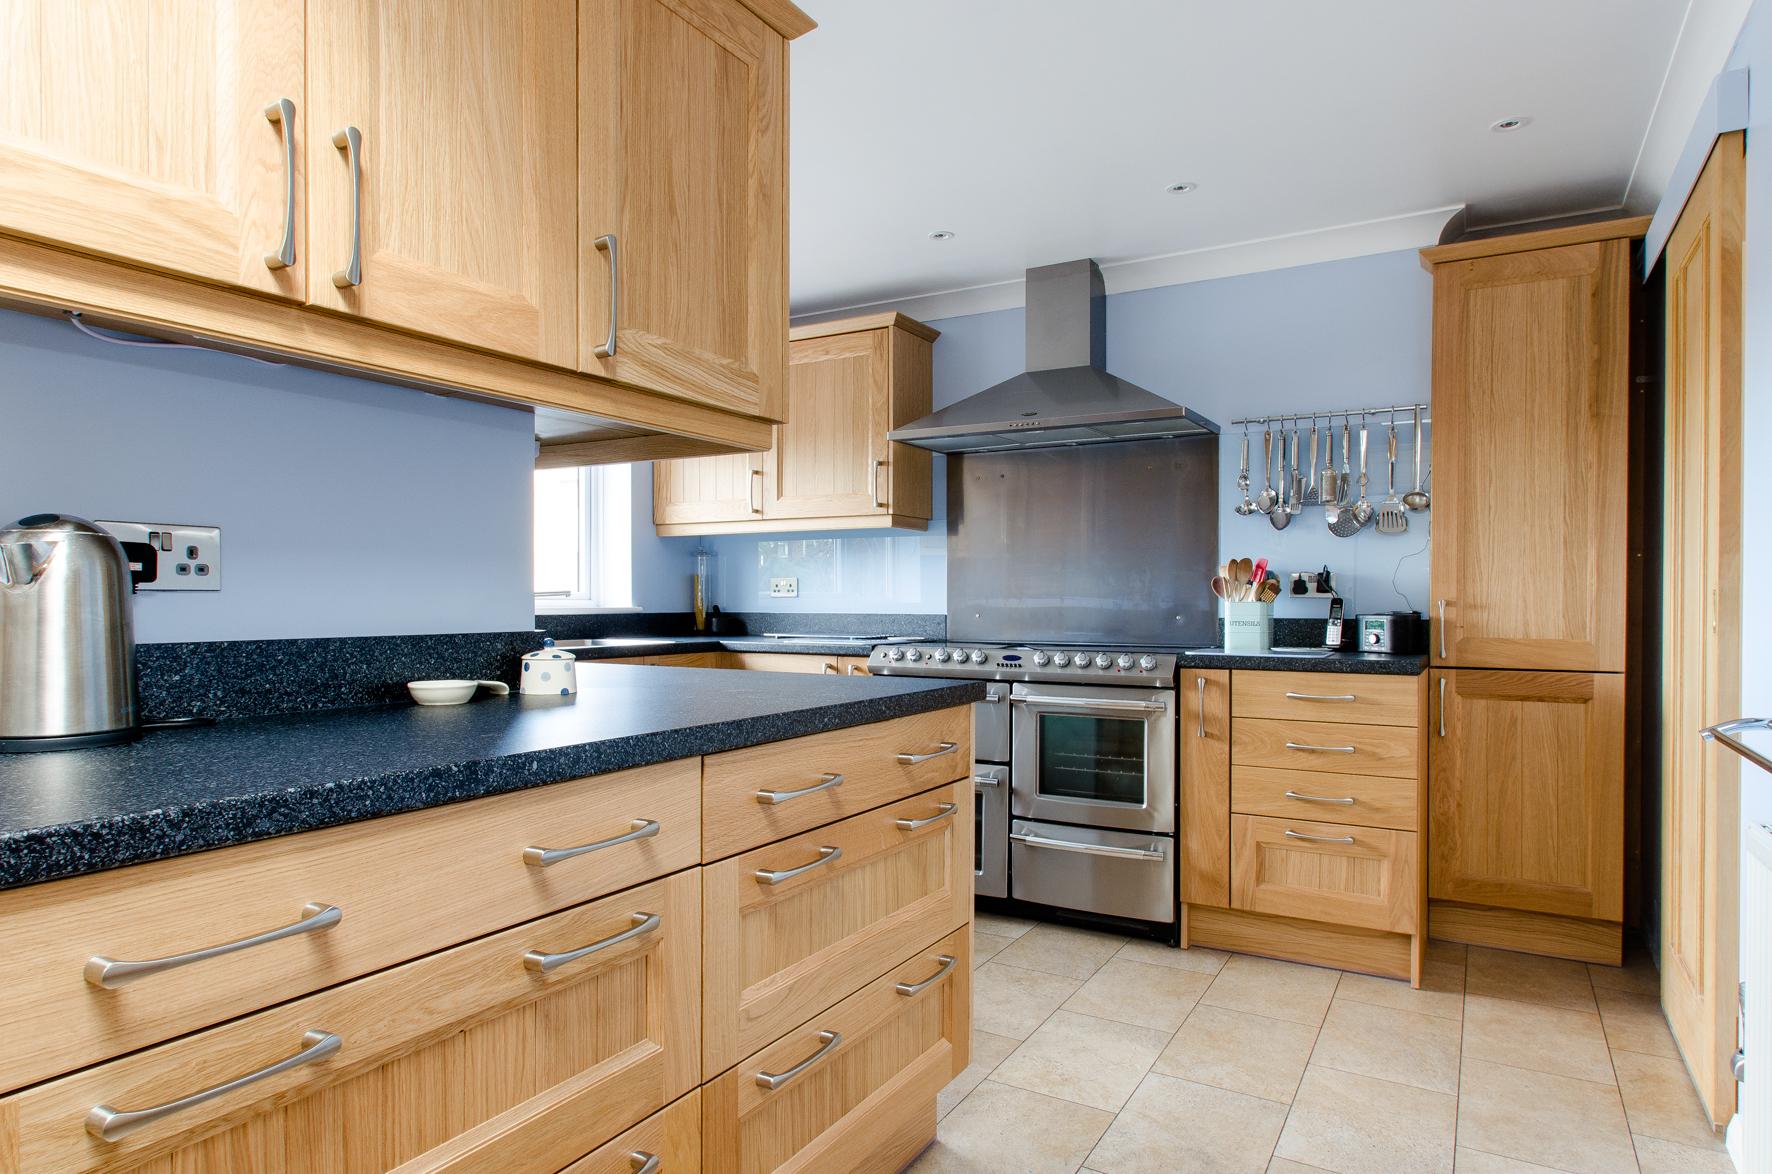 36 Cranleigh kitchen 5.jpg